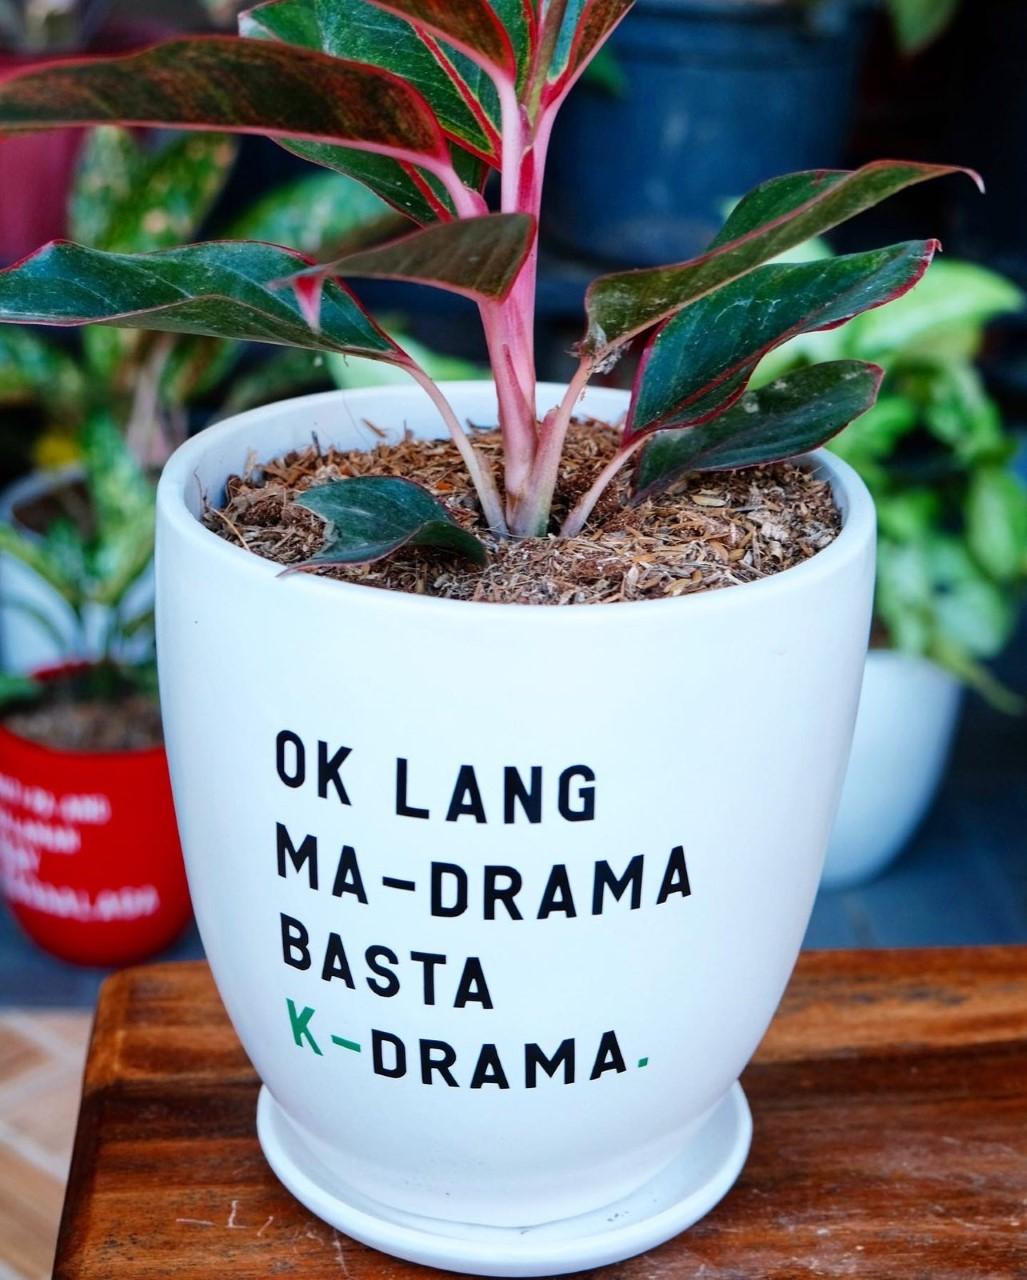 K-drama-themed pots